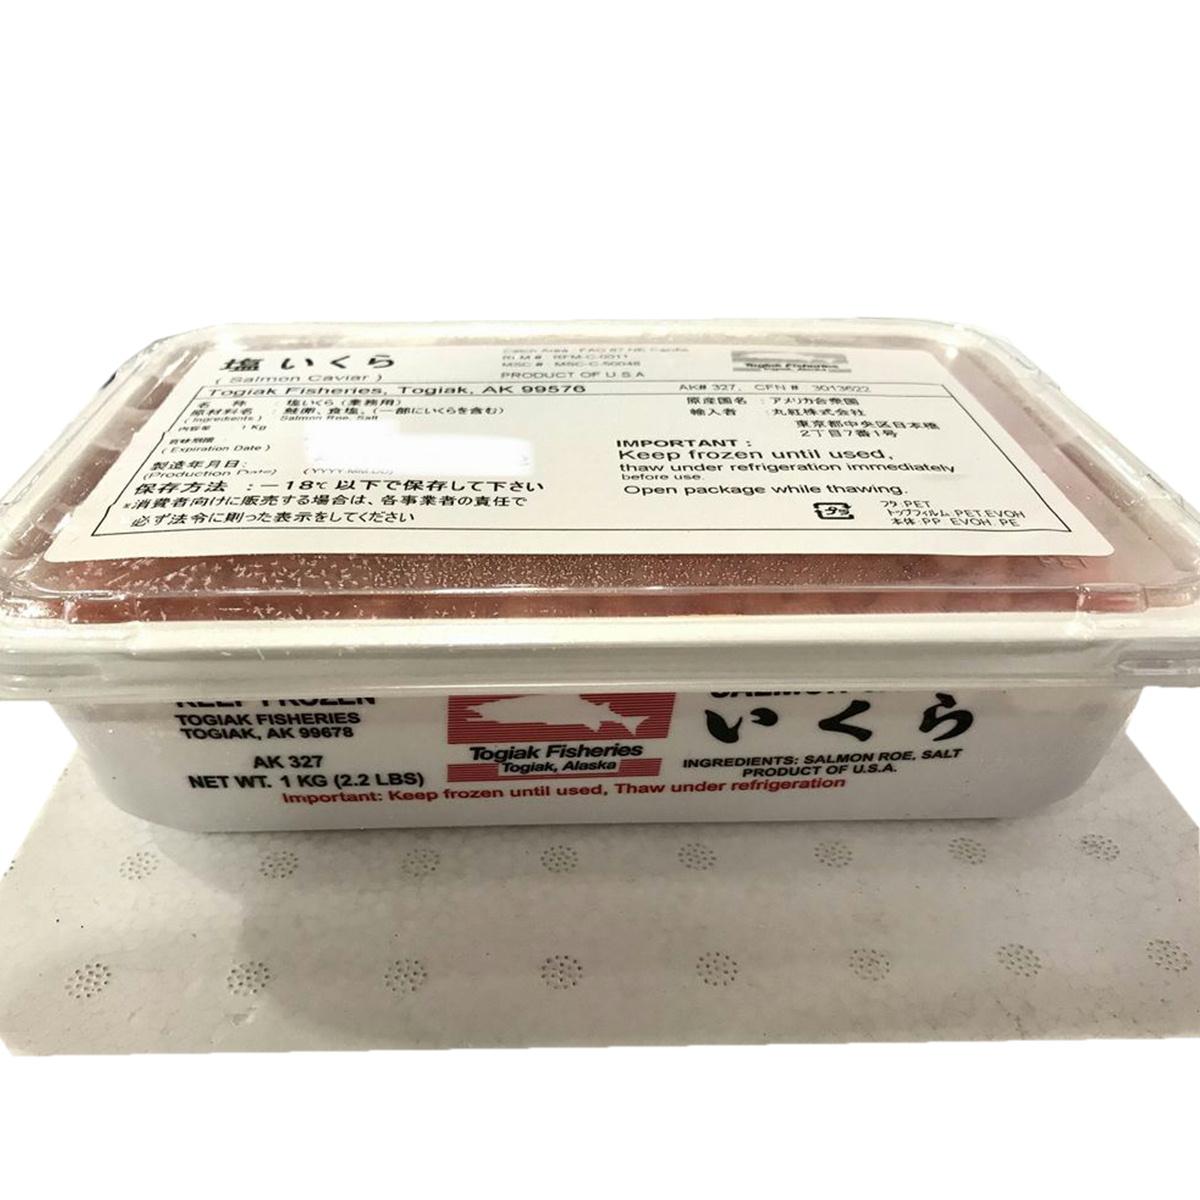 塩 いくら 1kg入り 【業務用】 寿司種、海鮮丼、手巻き等にいかがでしょうか。◇お得な配送設定あり【冷凍便】(2個まで同梱可能)